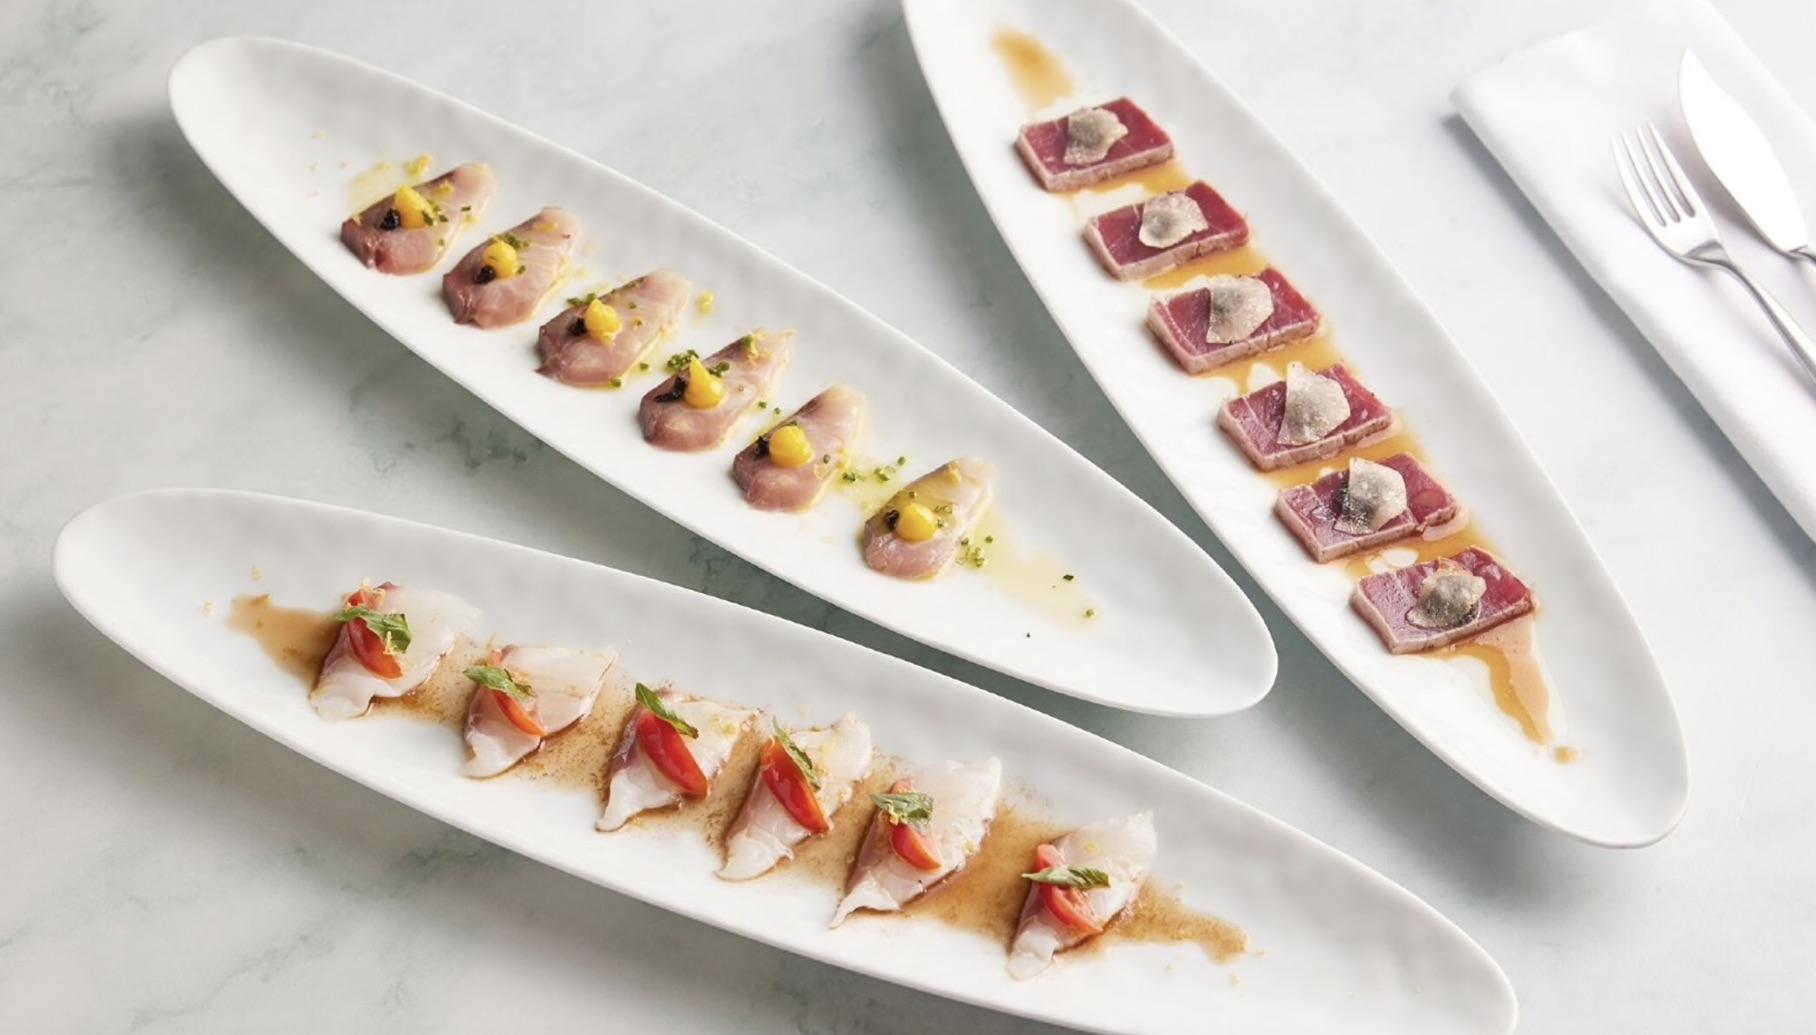 Pierchic Restaurant